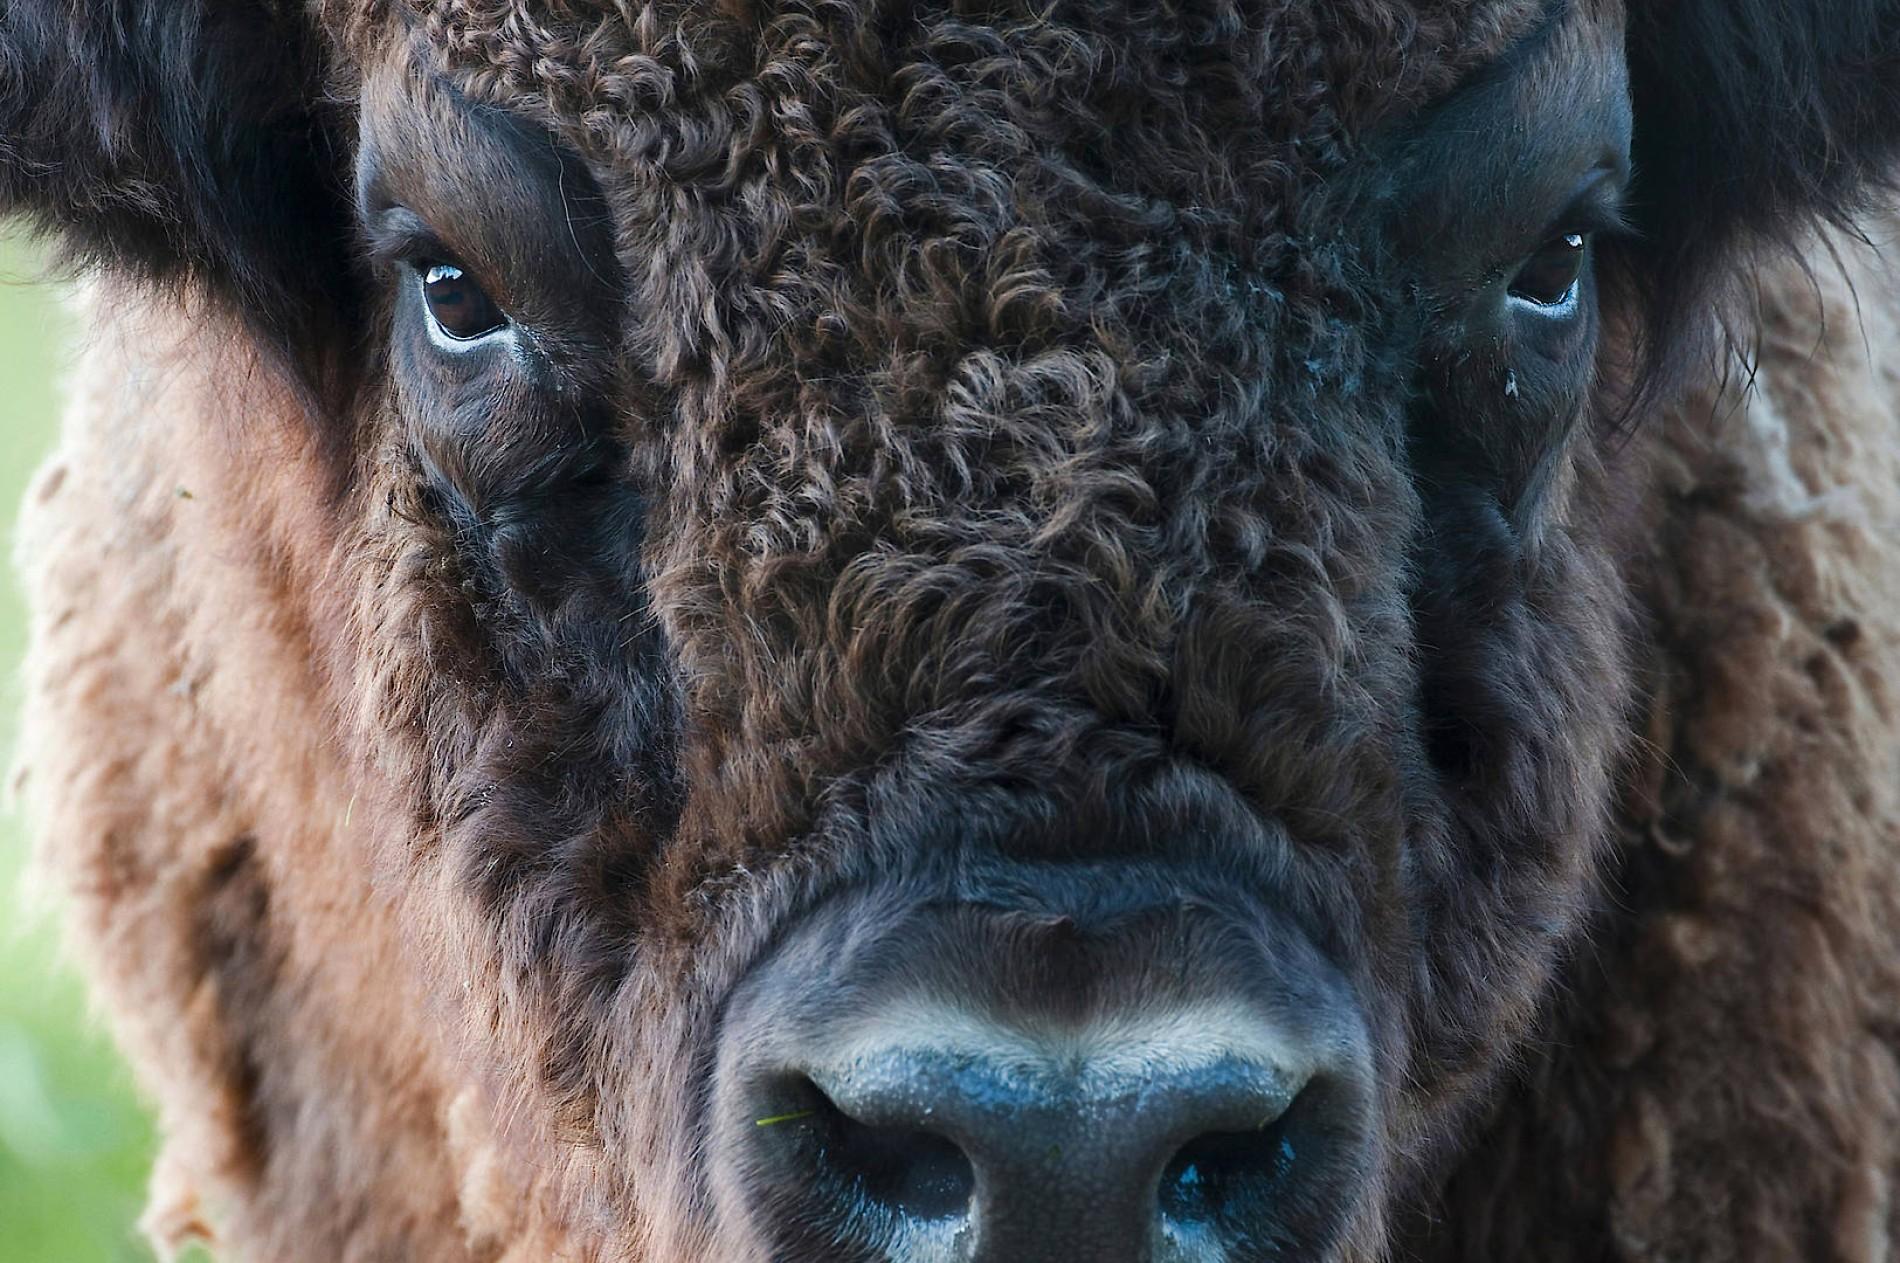 26 Tiere, die Datierung kennt, sind die schlimmsten